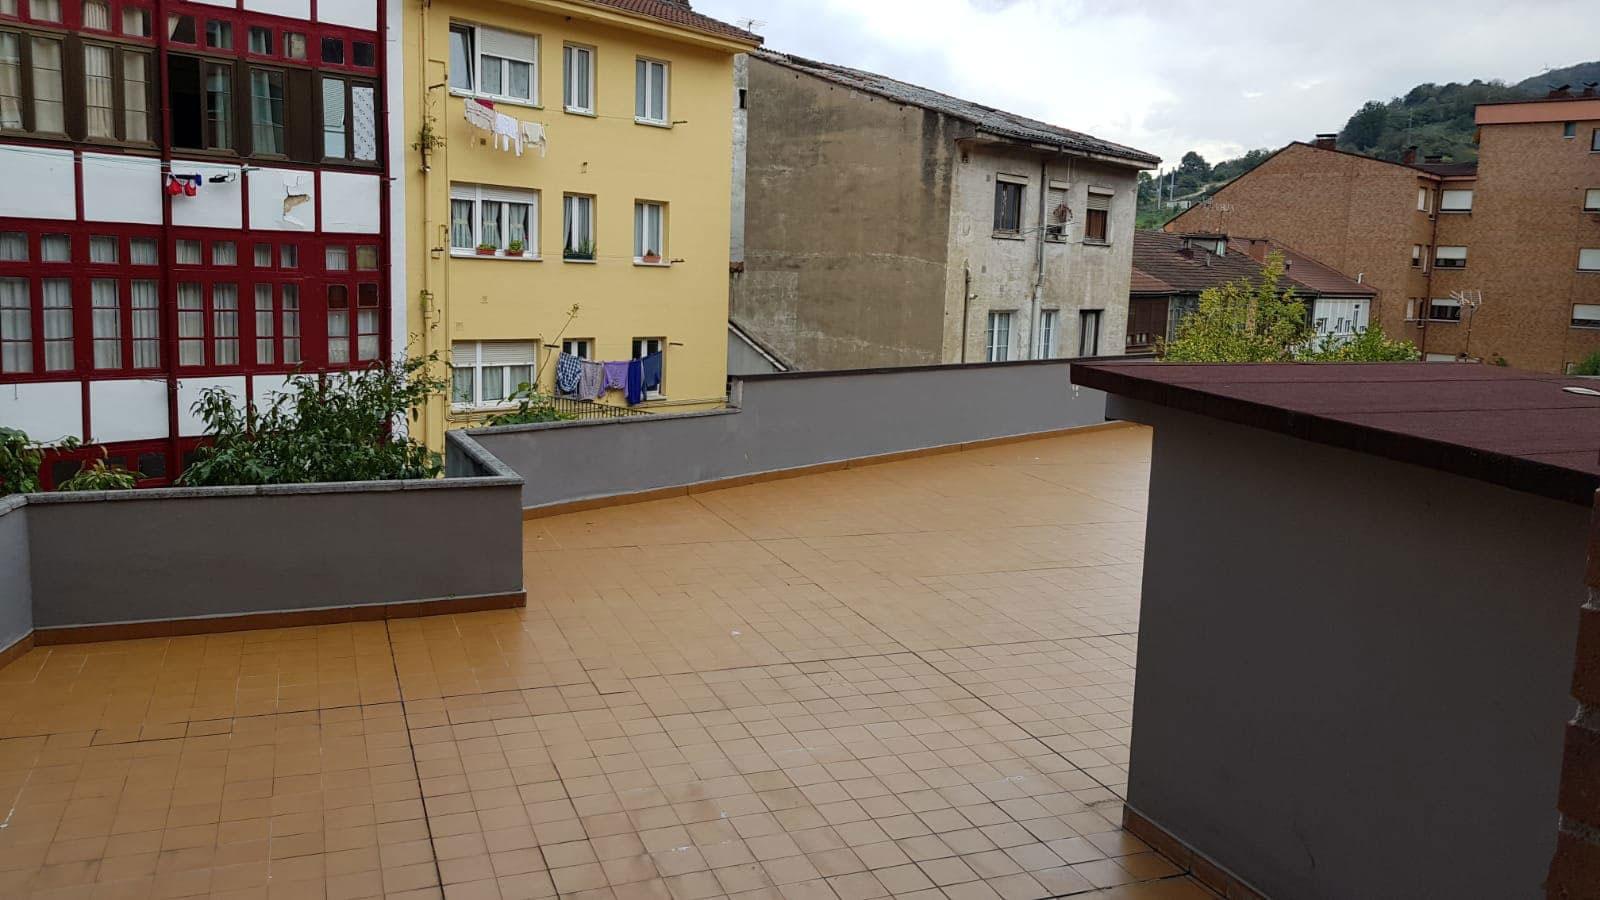 Local en venta en Lena, Asturias, Calle Monte Ablanedo, 42.000 €, 61 m2